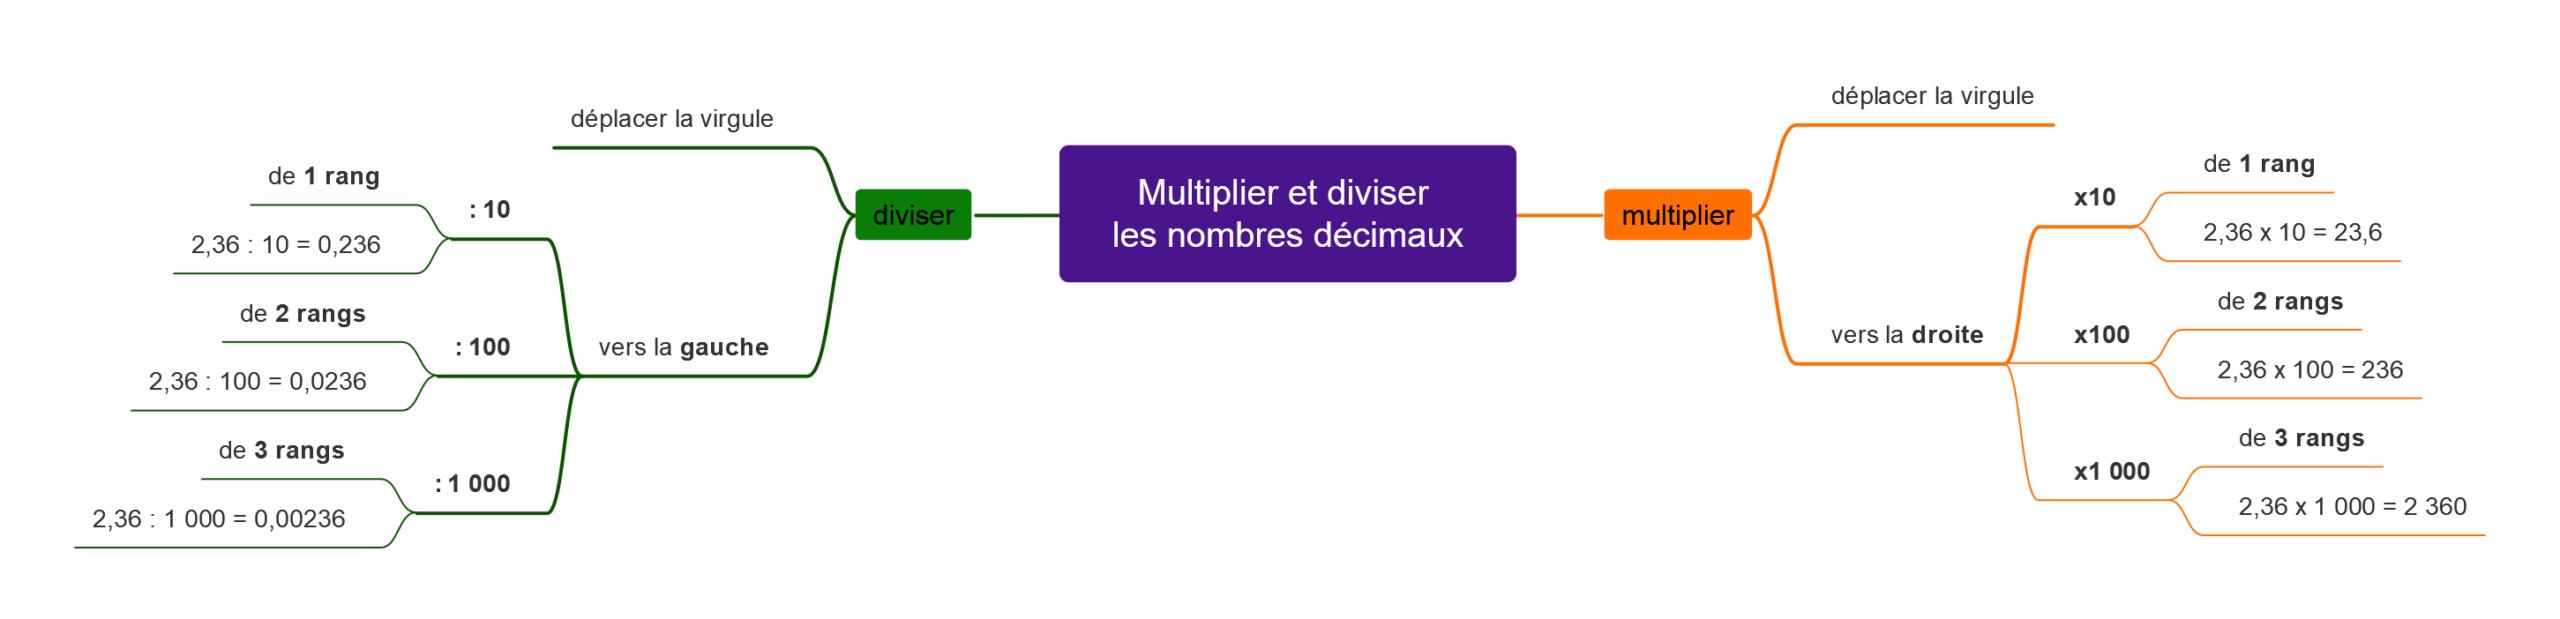 Carte mentale pour multiplier et diviser les nombres décimaux